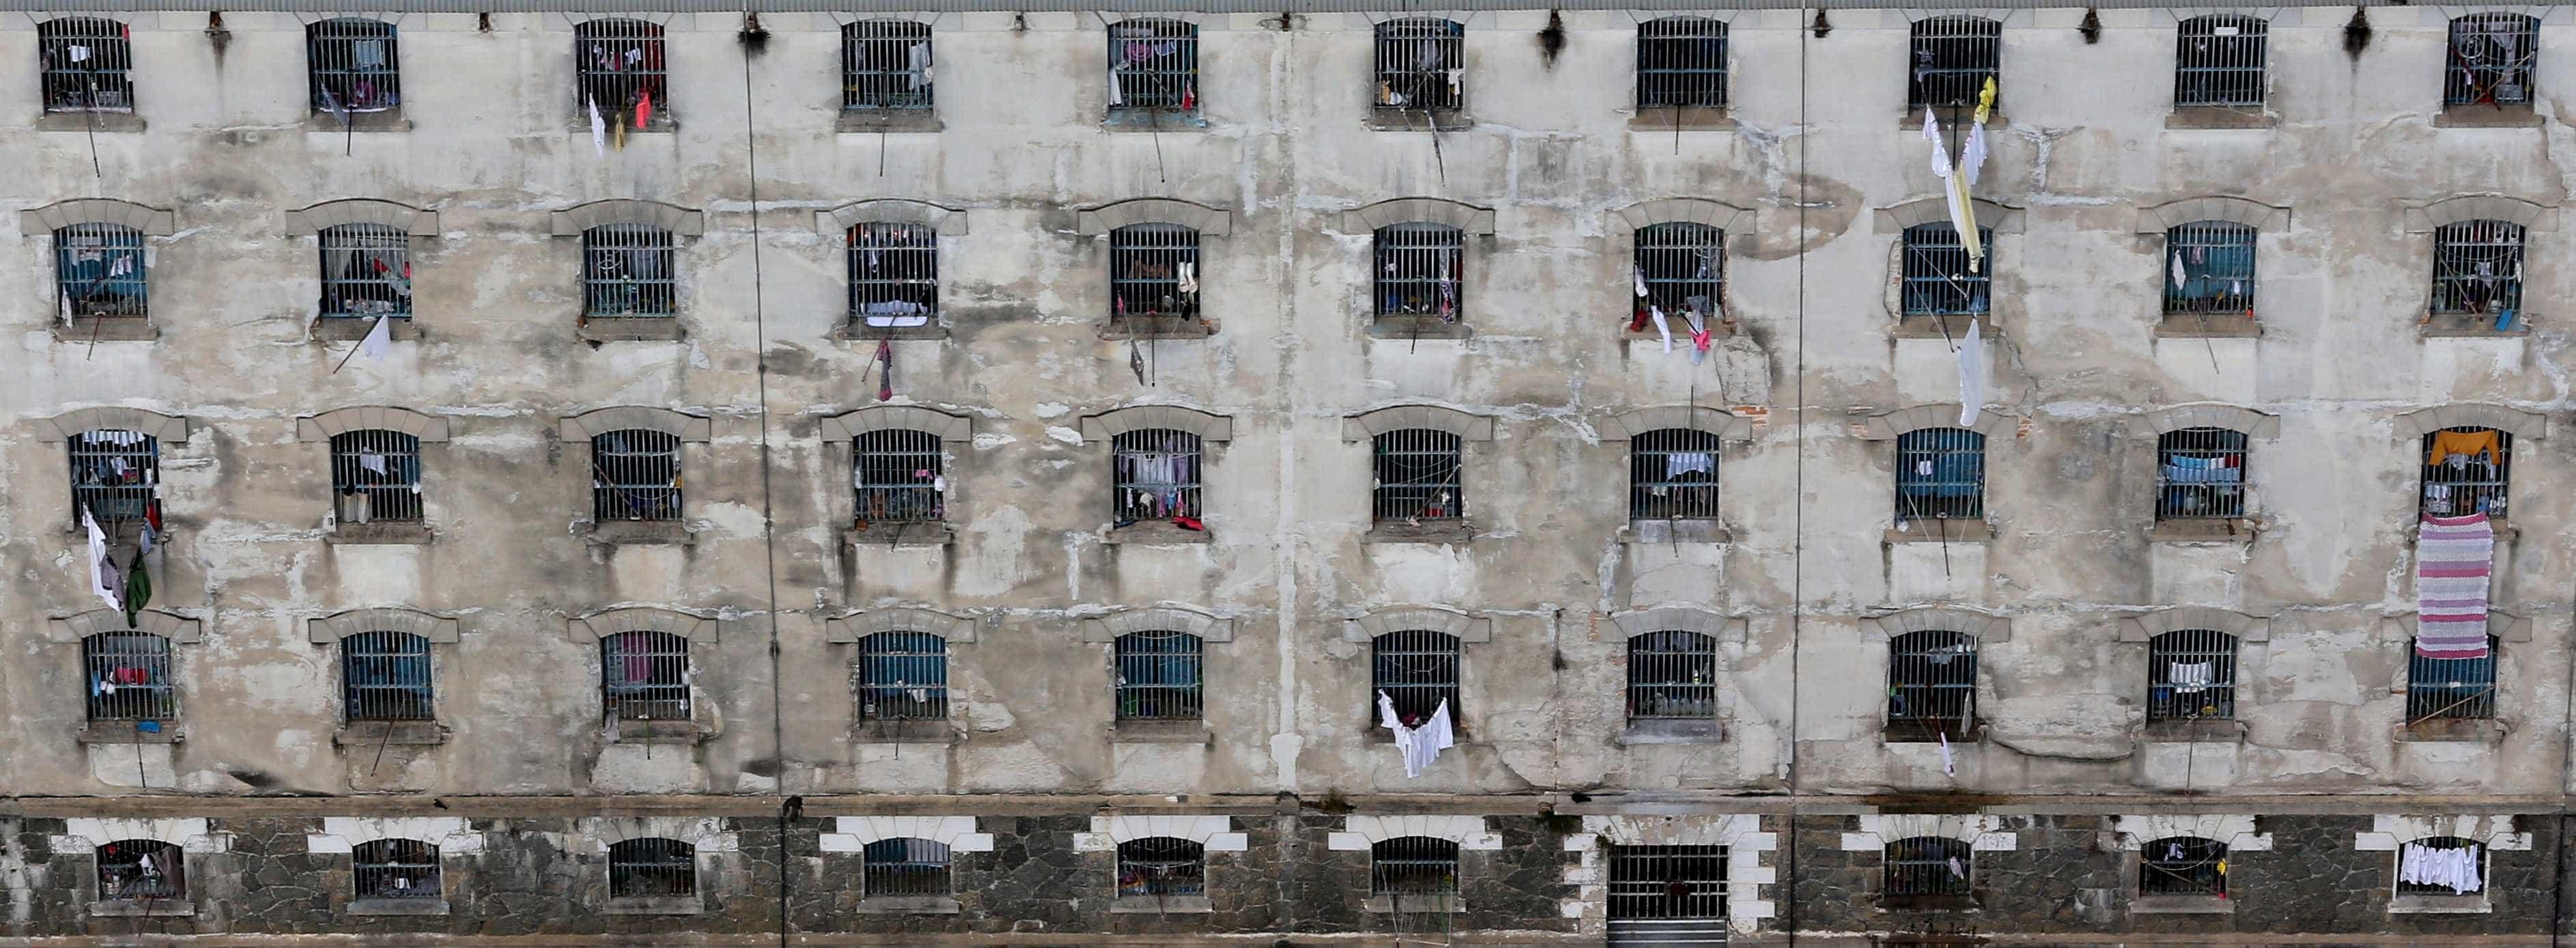 Após intervenção, governo decreta alerta máximo em 54 presídios do Rio